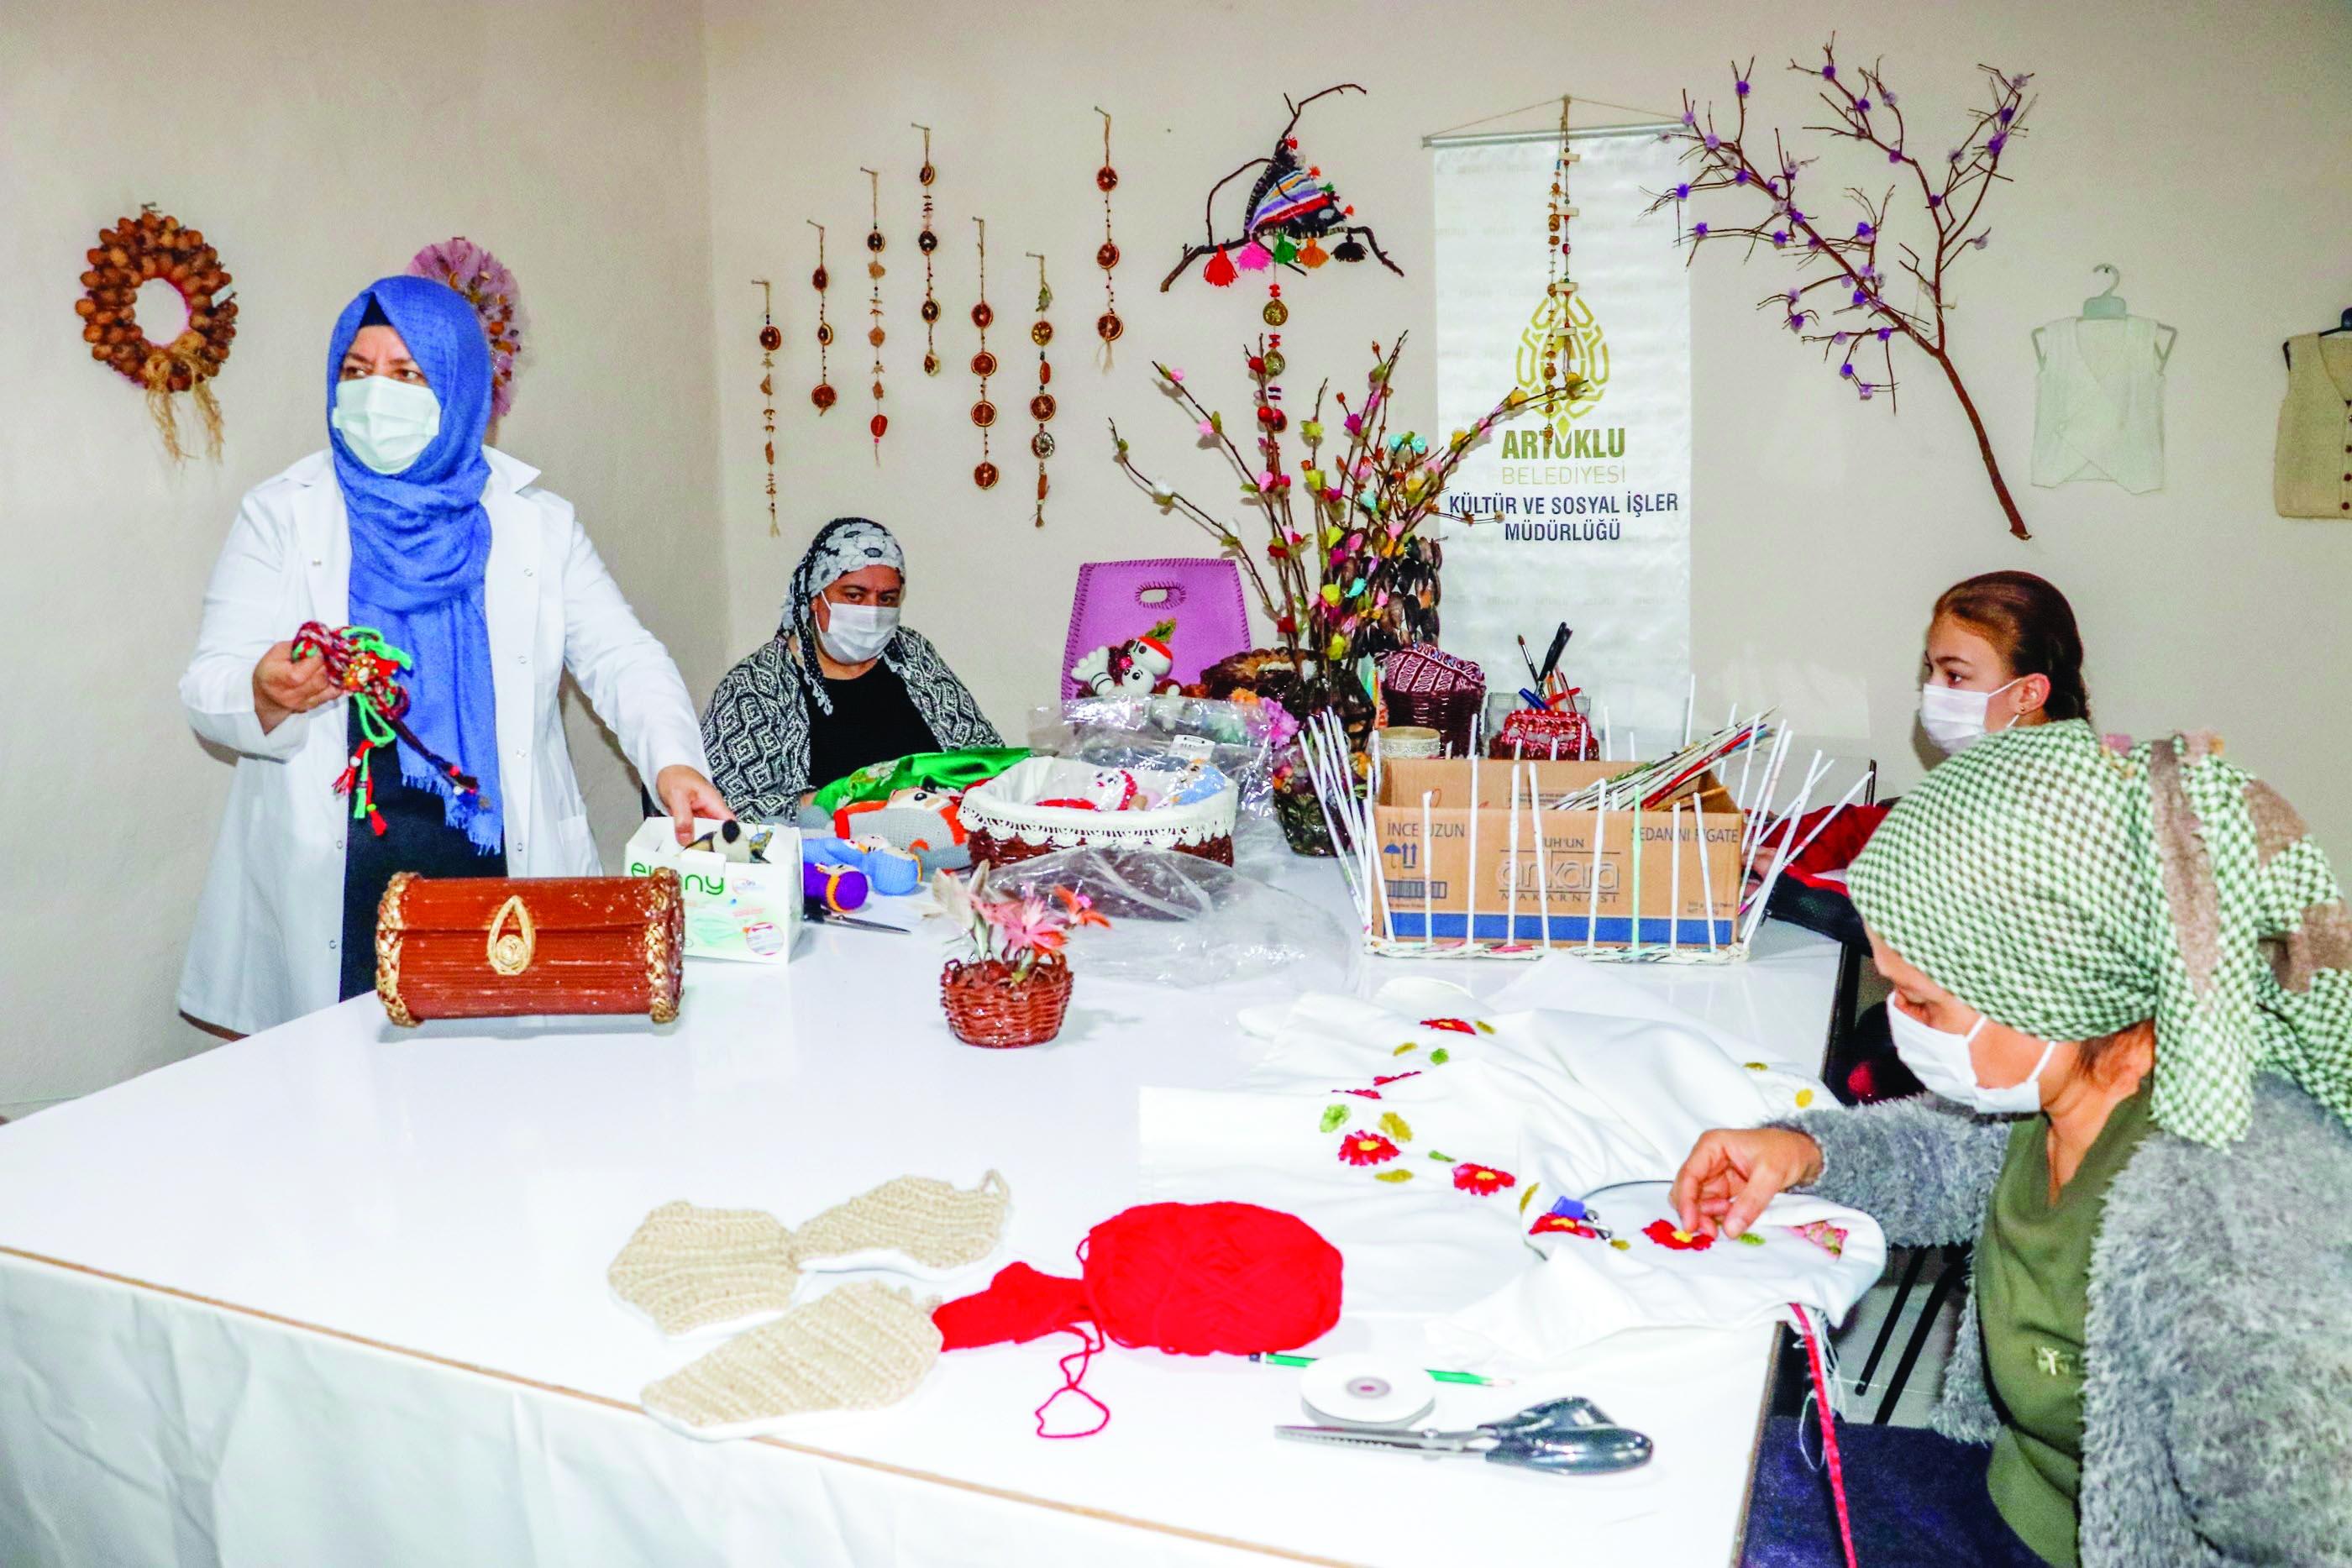 Artuklu'da 1100 kadın meslek sahibi oldu